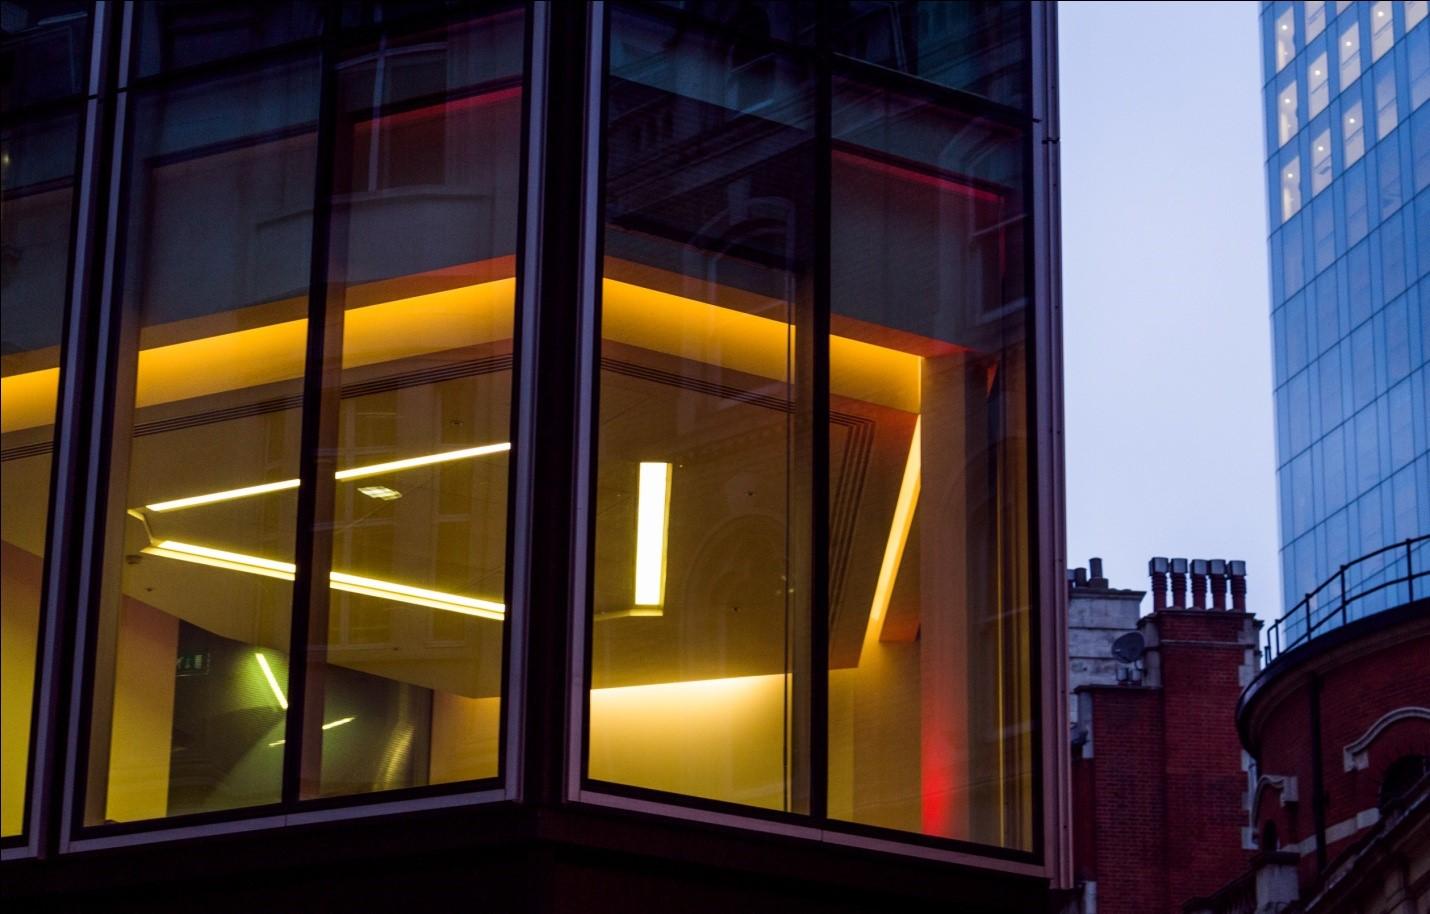 Light fixtures showing through an office window